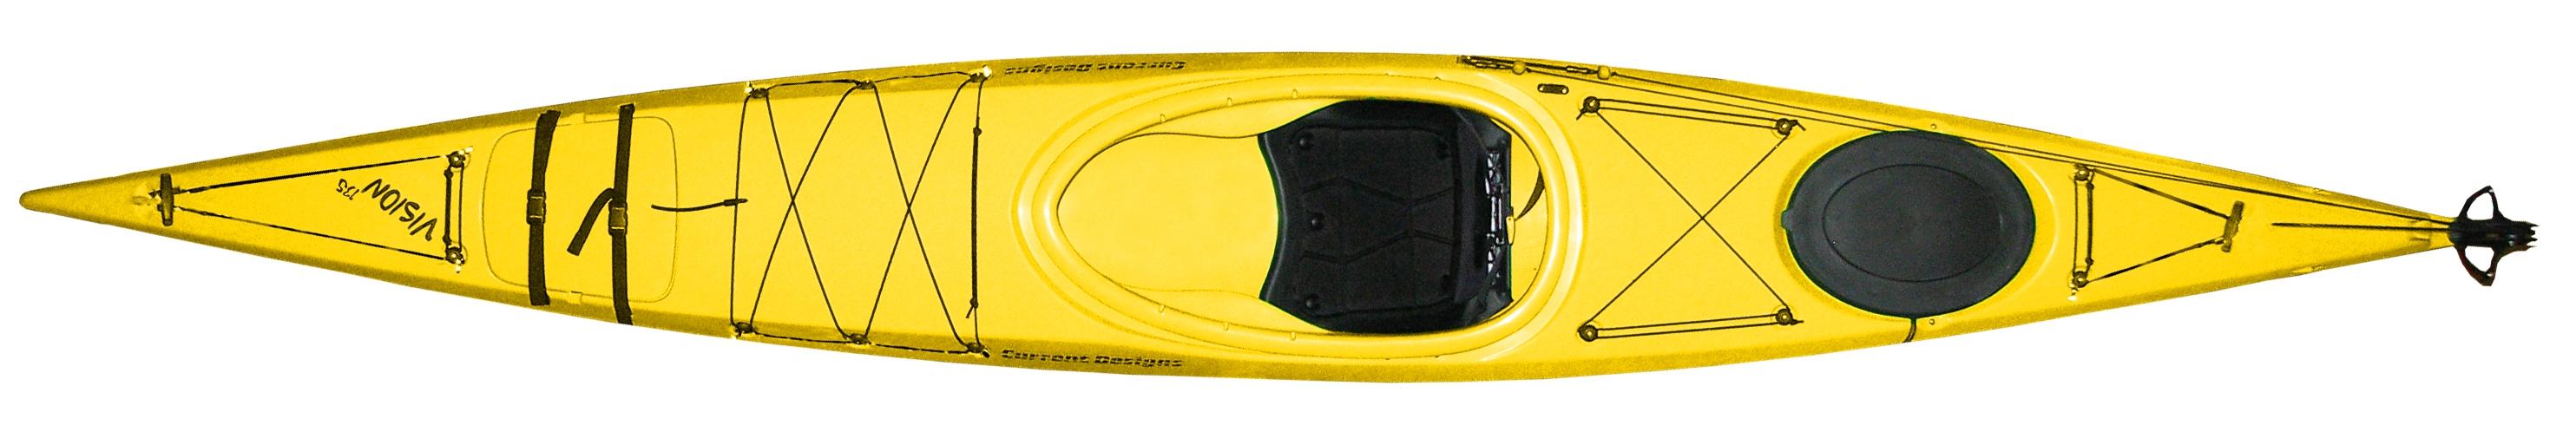 Vision135roto R top